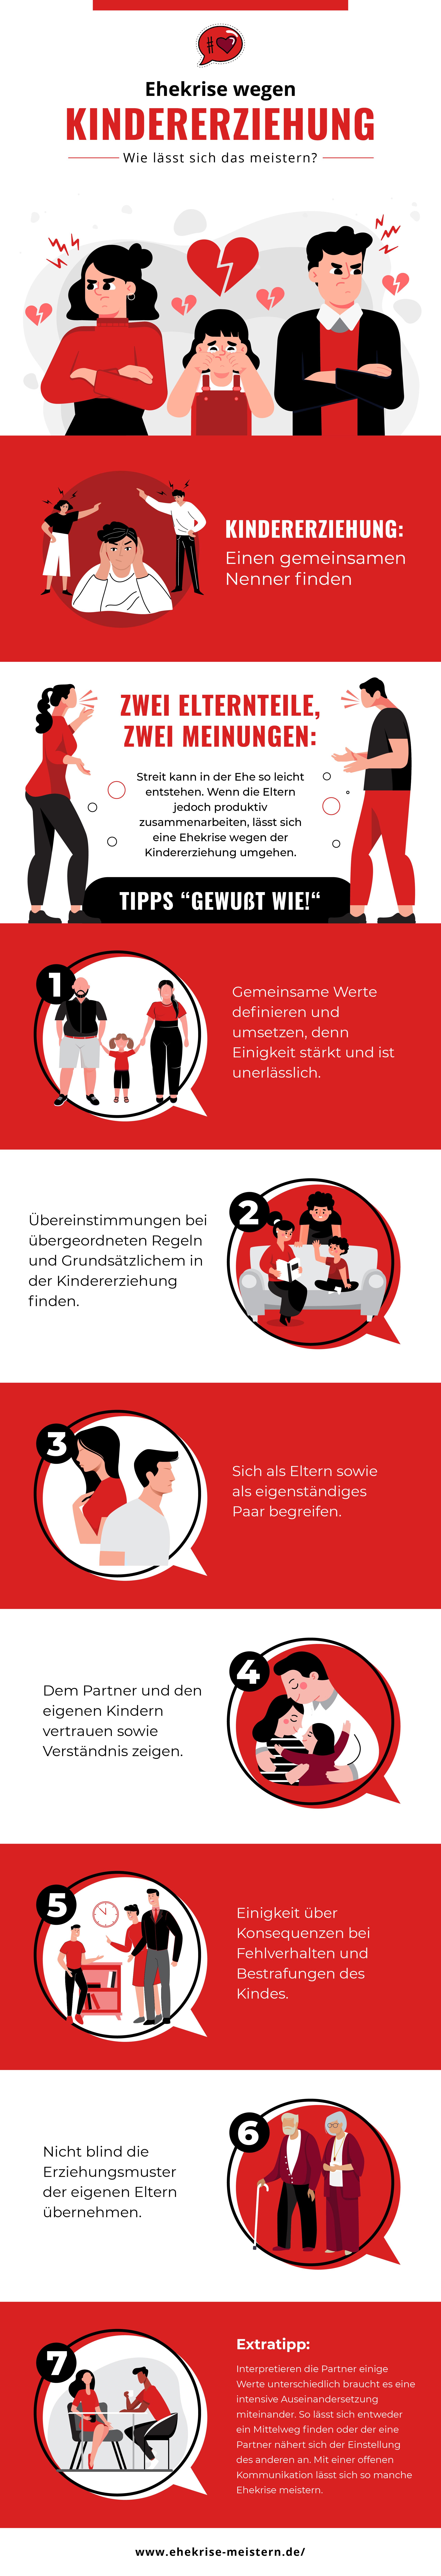 Infografik Ehekrise Wegen Kindererziehung: Wie Lässt Sich Das Meistern?